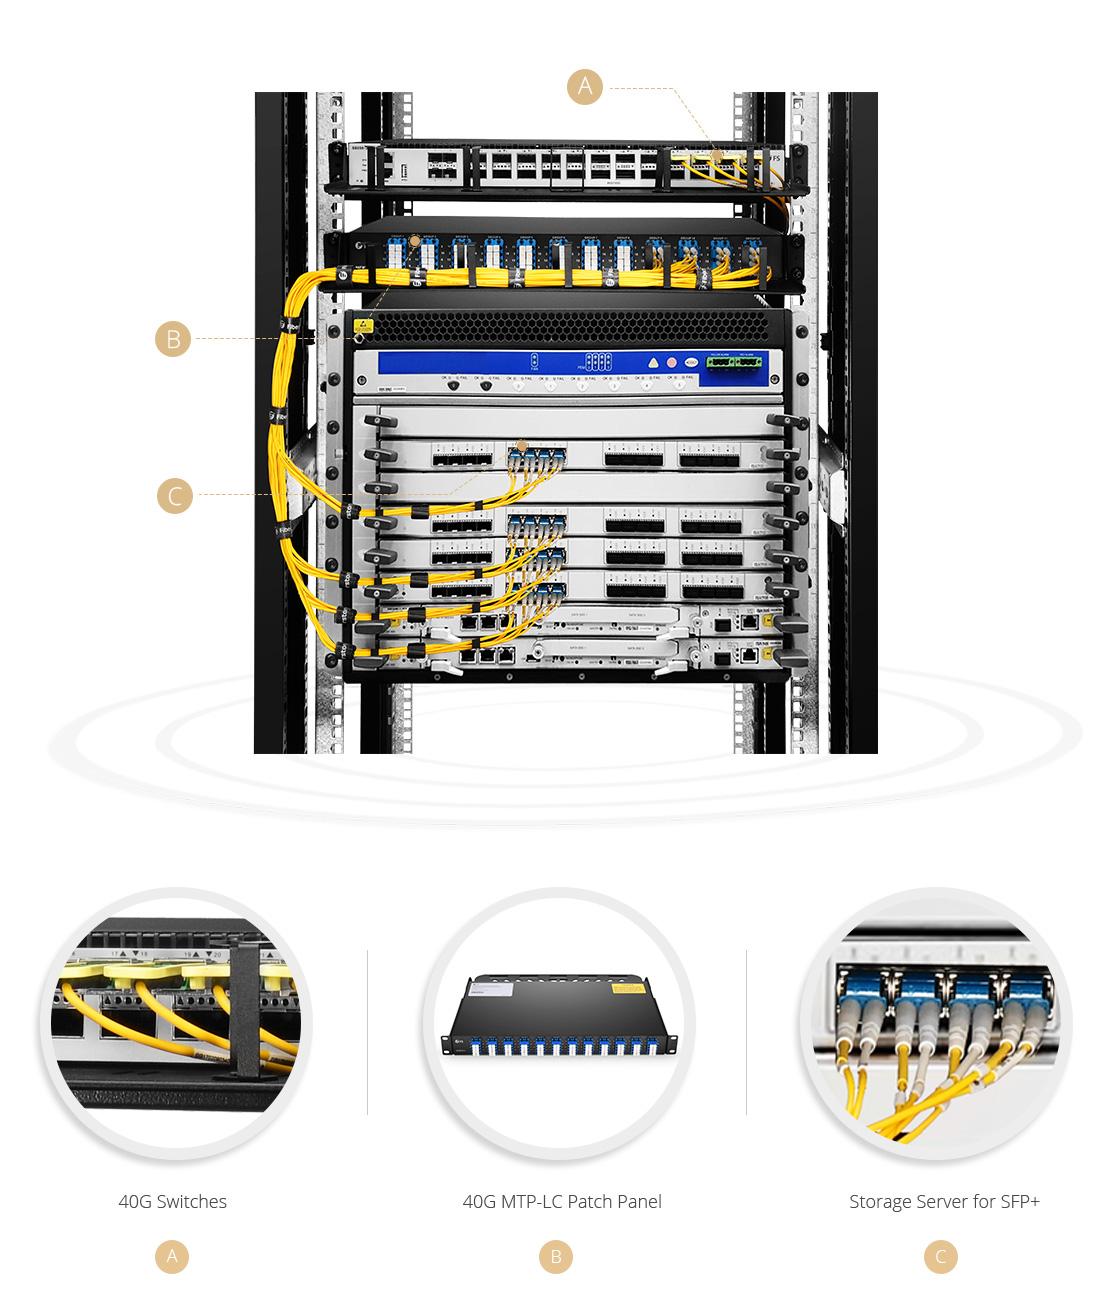 MTP-LC ブレイクアウトパネル  最大使用率―40G MTP/MPO光パッチパネル